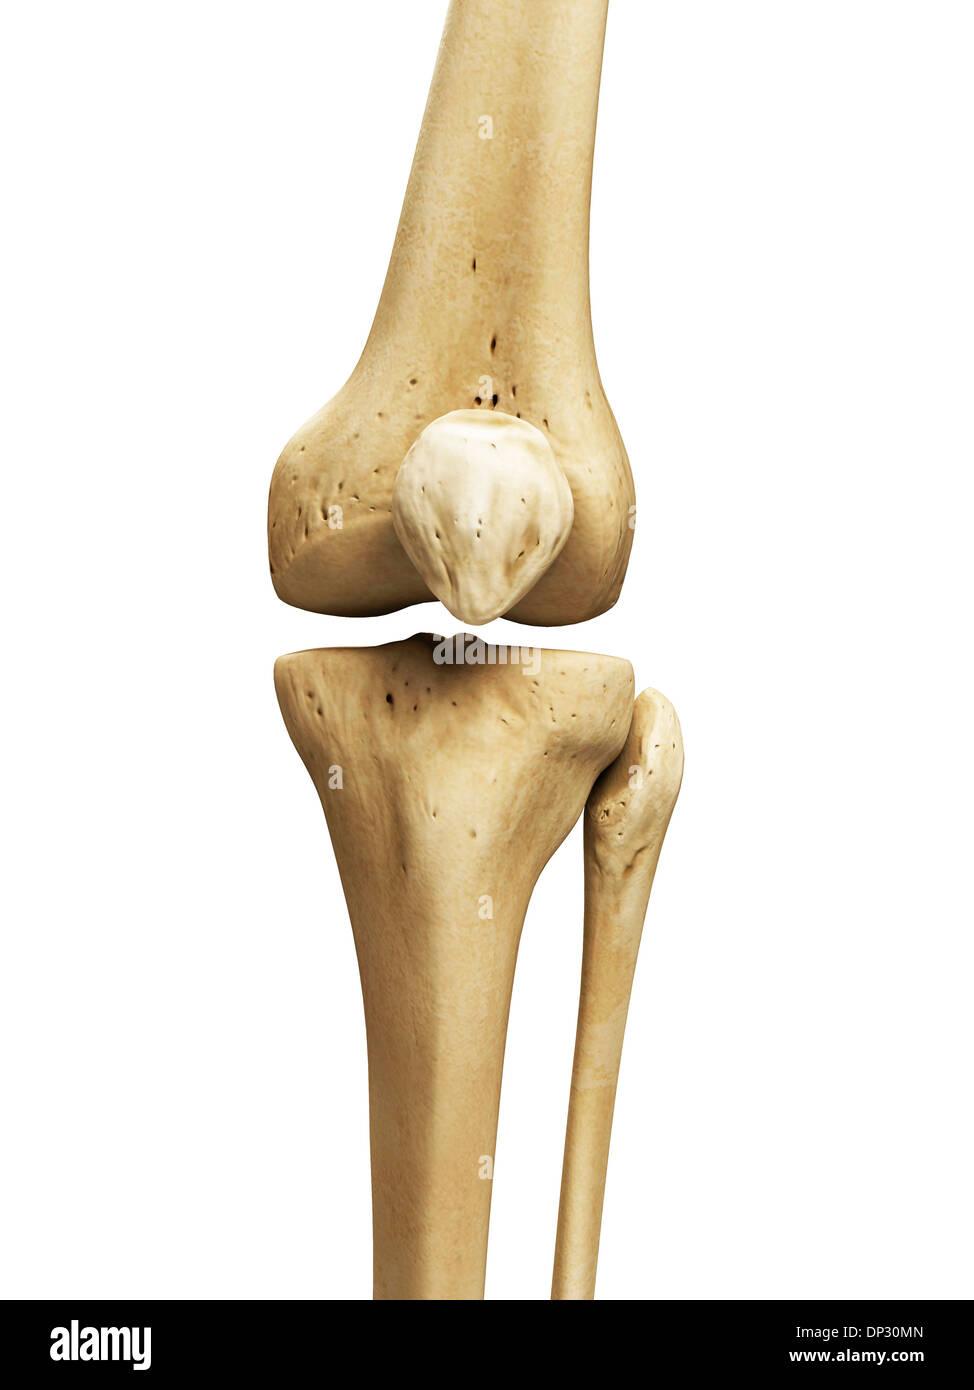 Knee Bones Artwork Stock Photo 65219973 Alamy